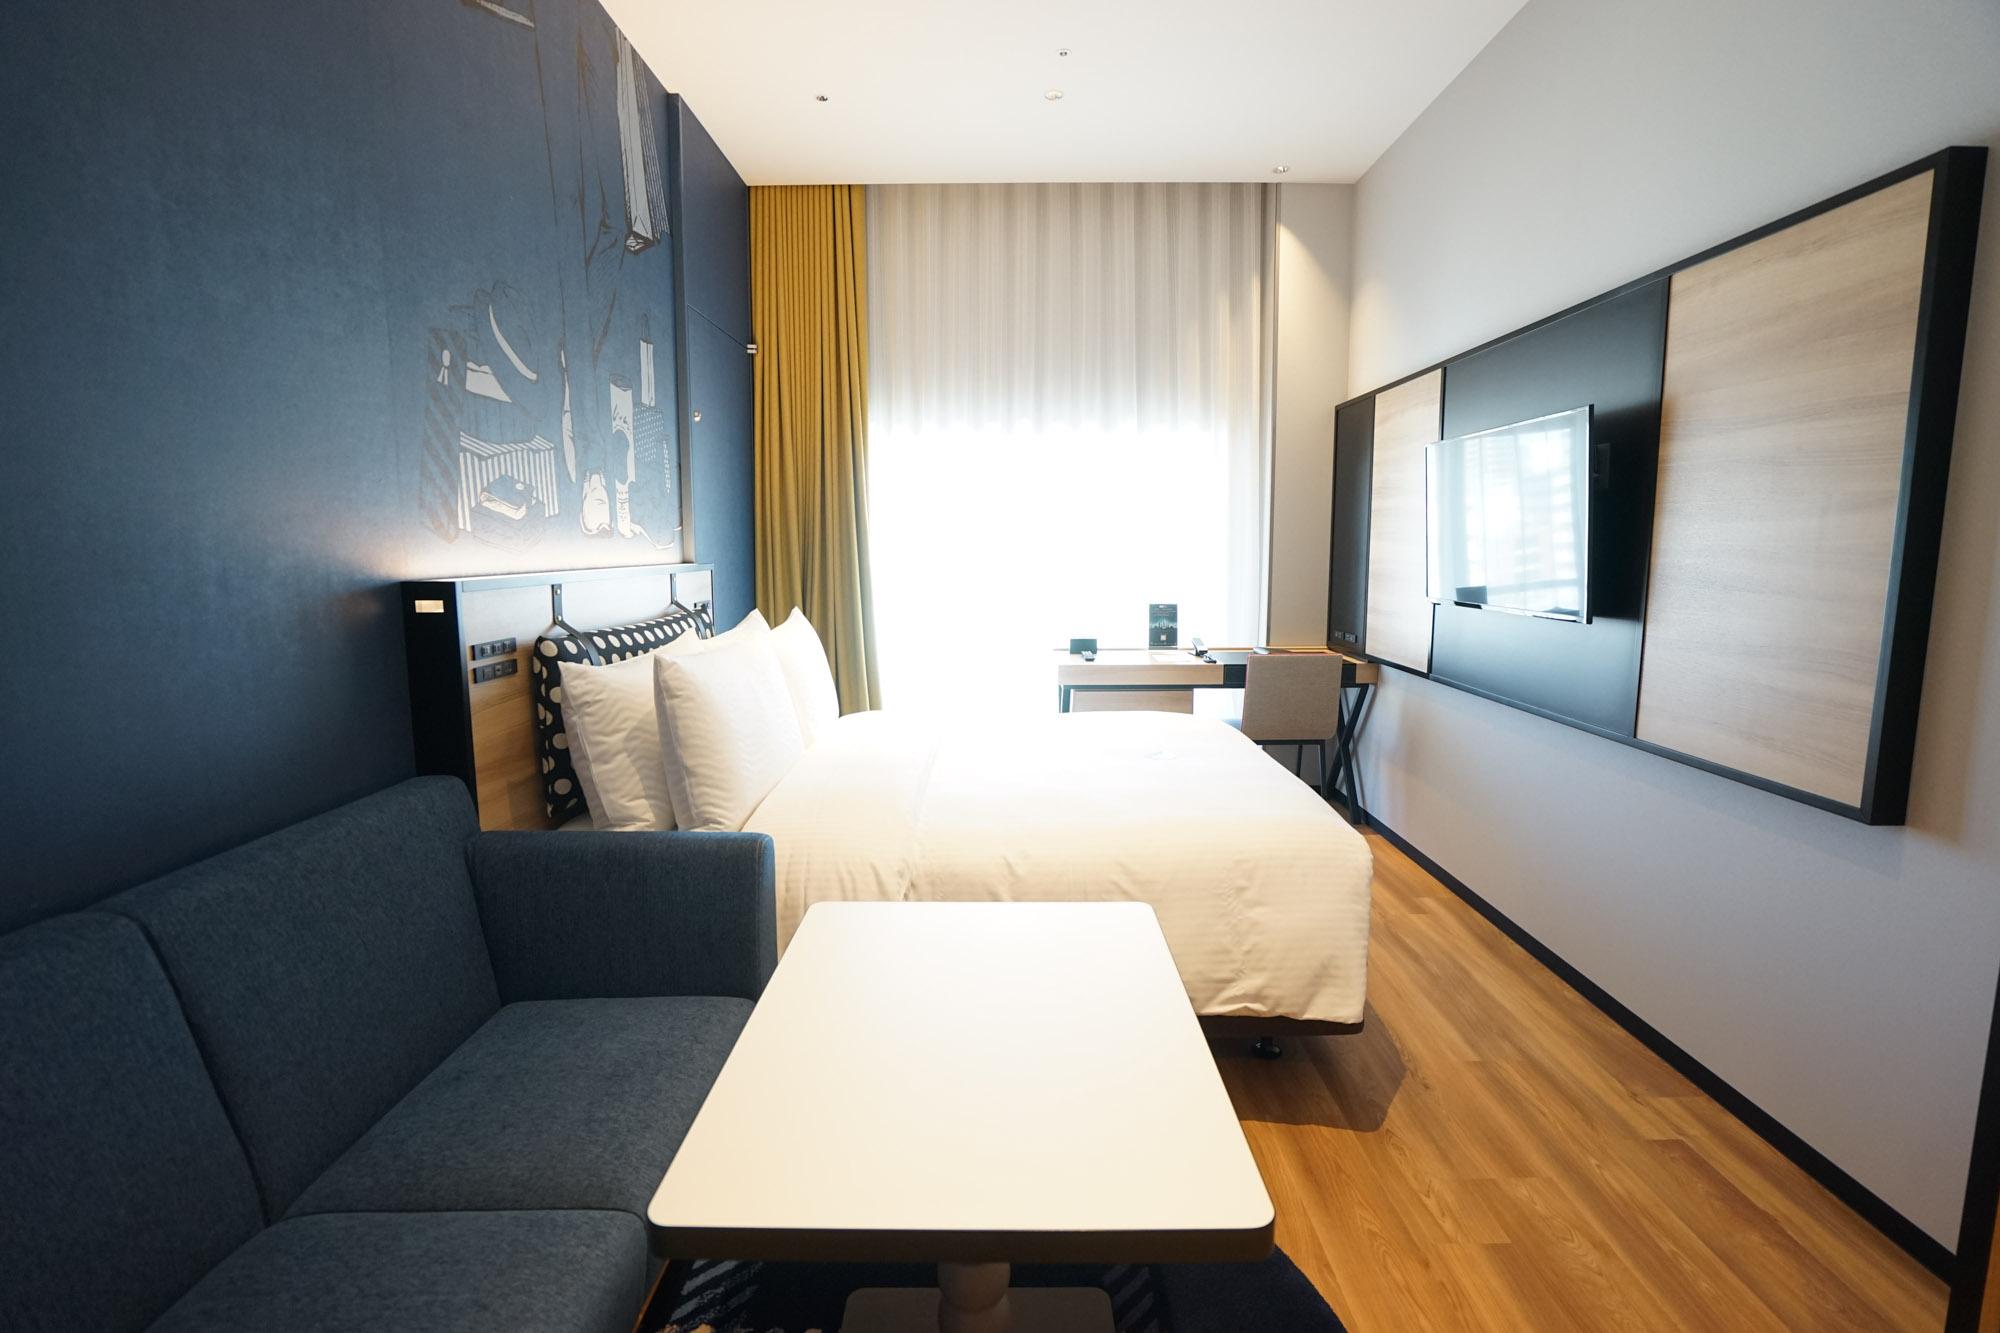 元百貨店建築。パリシックな内装のアパートメントホテル「シタディーンなんば大阪」宿泊レビュー